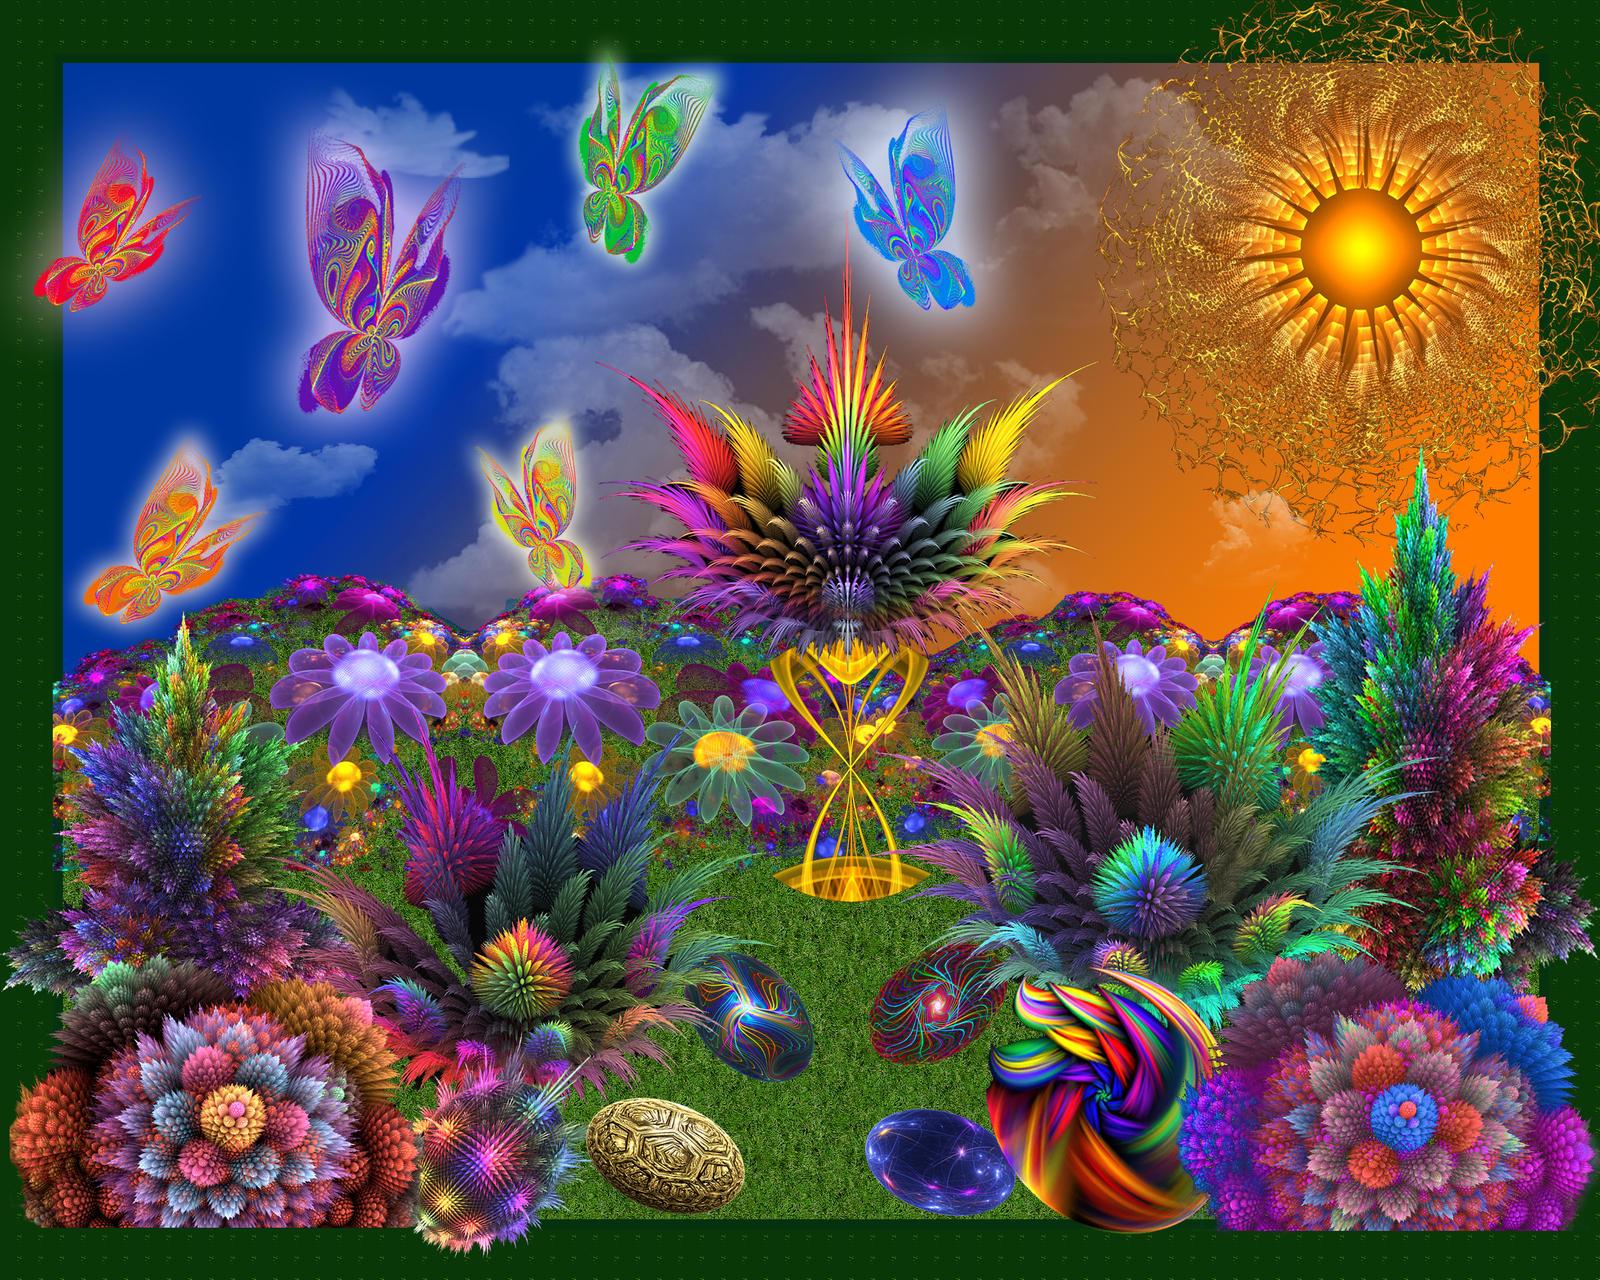 Apo Rainbow Butterfly Garden By Wolfepaw Apo Rainbow Butterfly Garden By  Wolfepaw